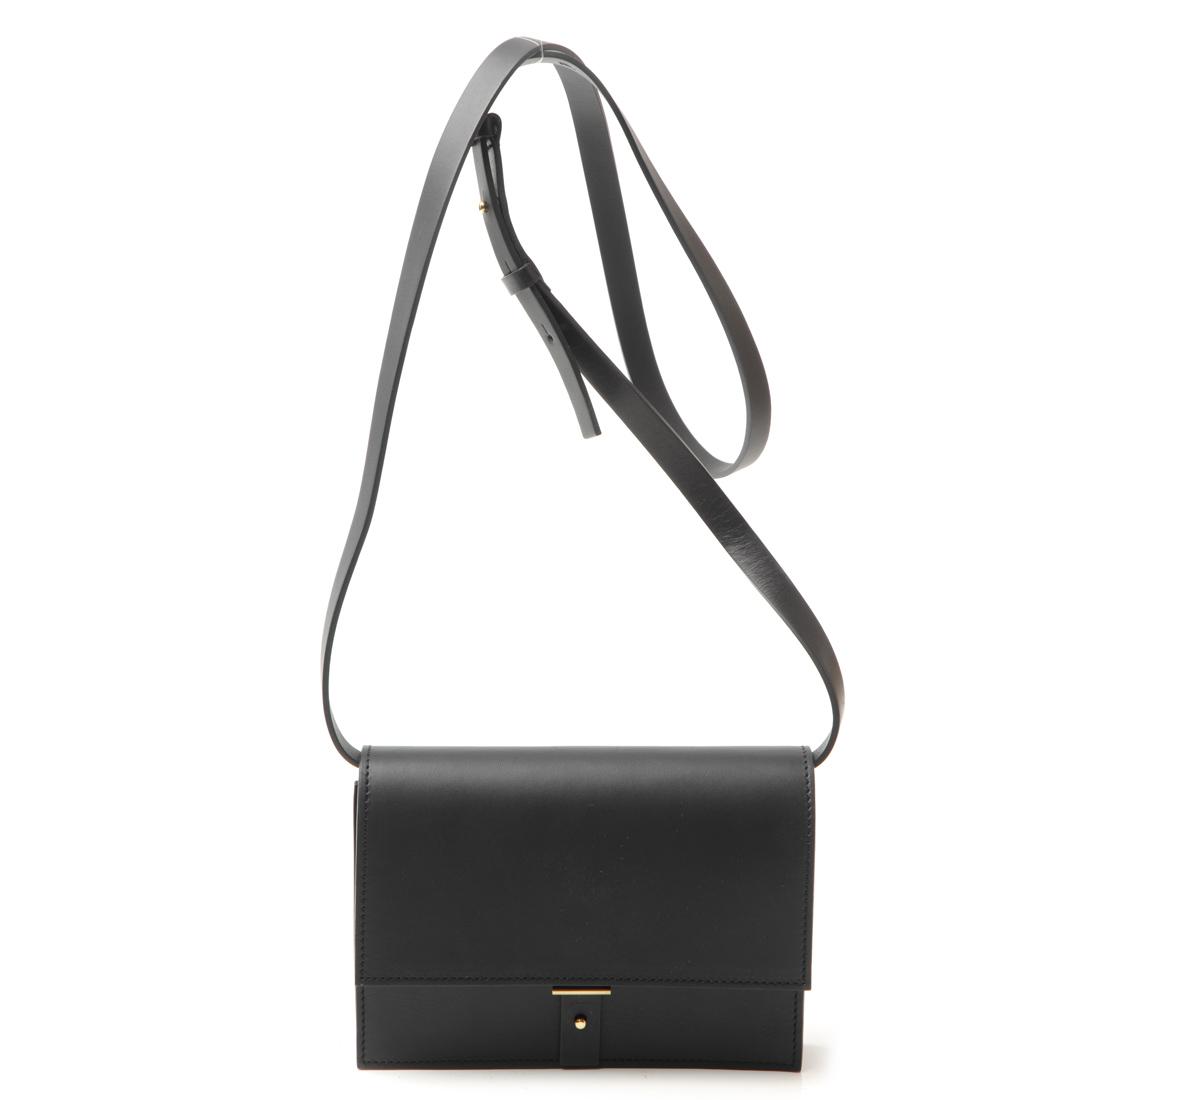 47fc12219c5 Very Goods   AB10 Black Shoulder Bag by PB 0110 - shop at Roztayger